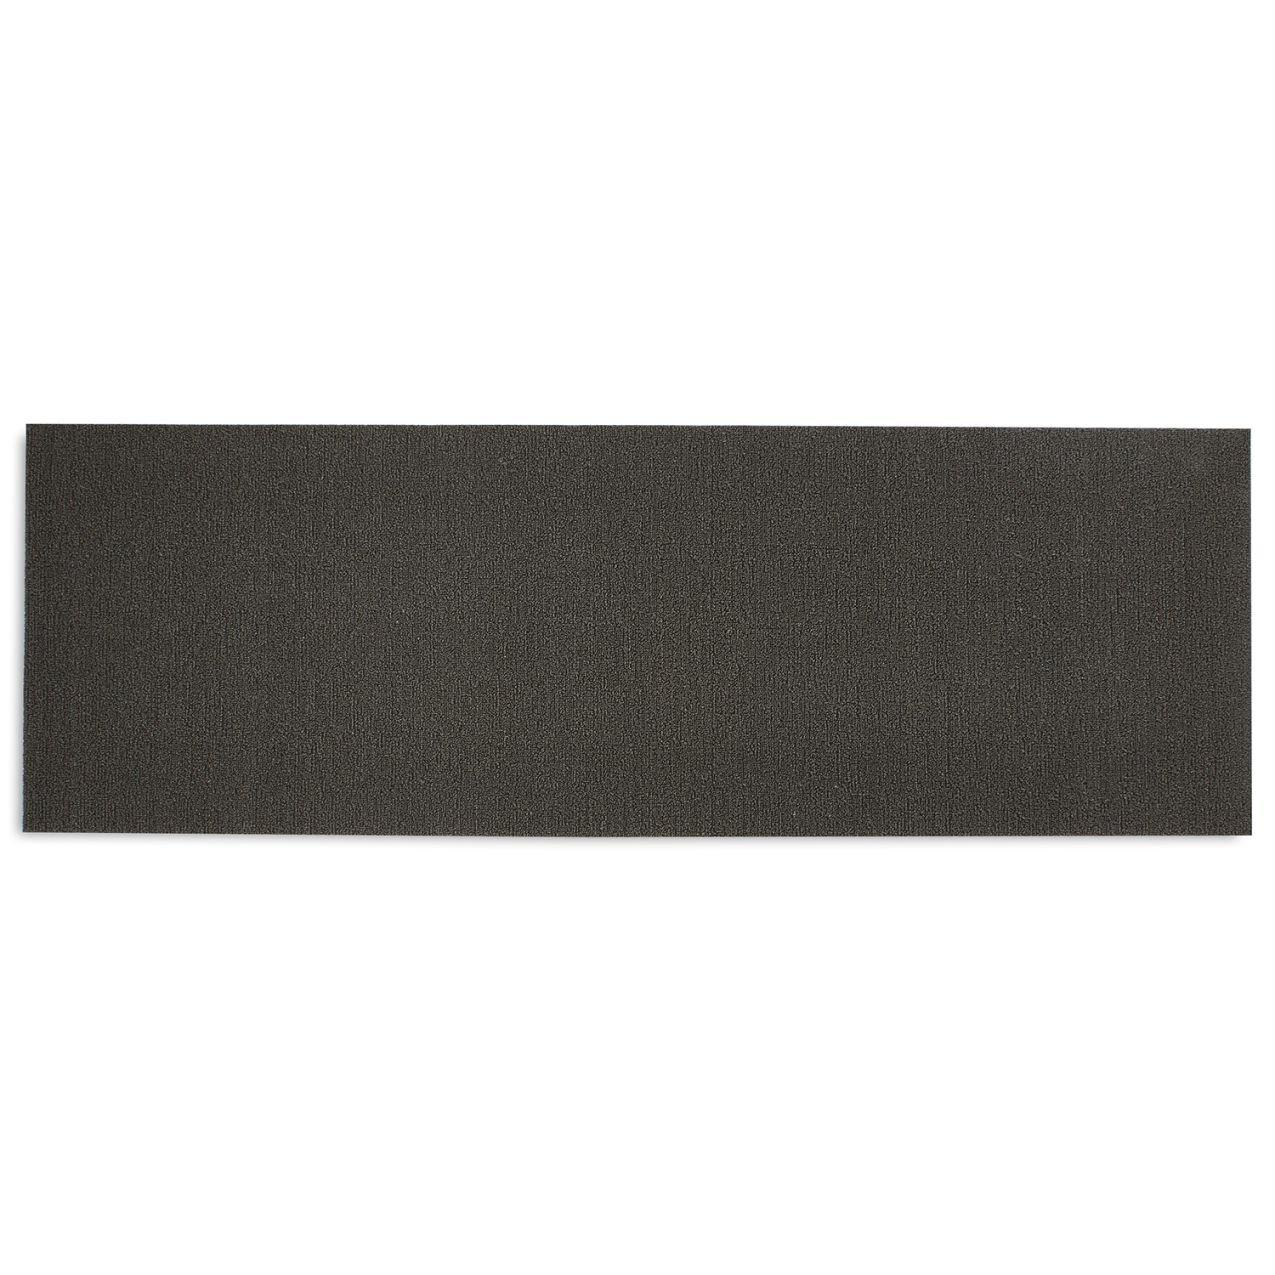 Chilewich Shag Solid Floormat Runner 24'' X 72'' Mercury